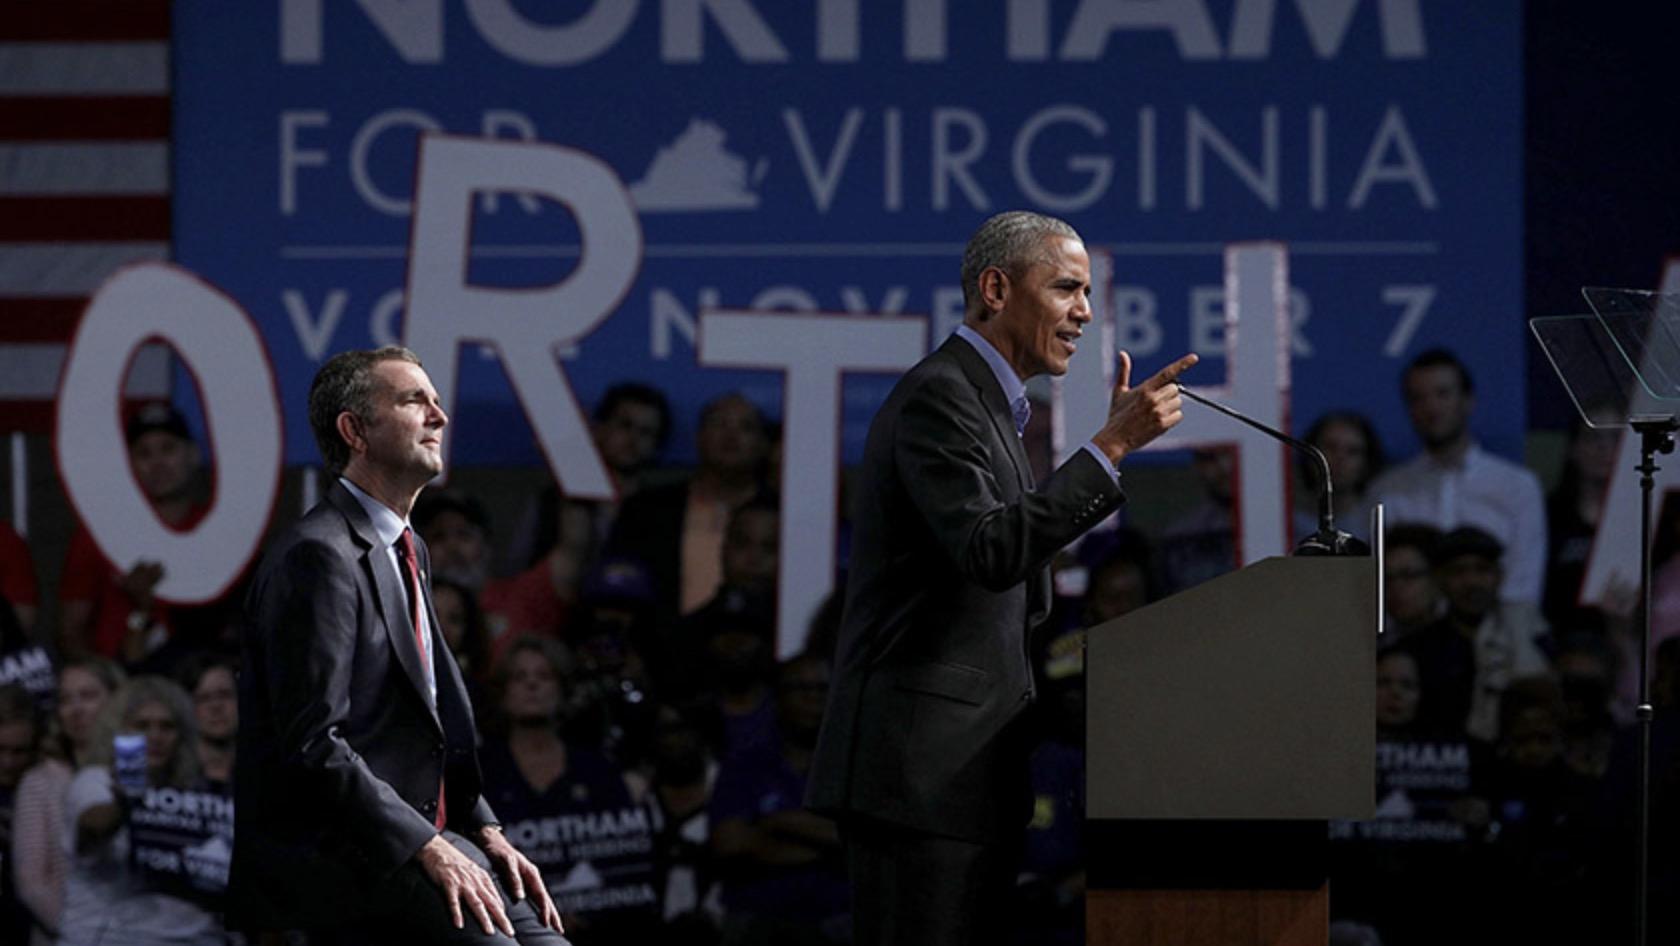 奥巴马再入竞选潮 为州长选举站台